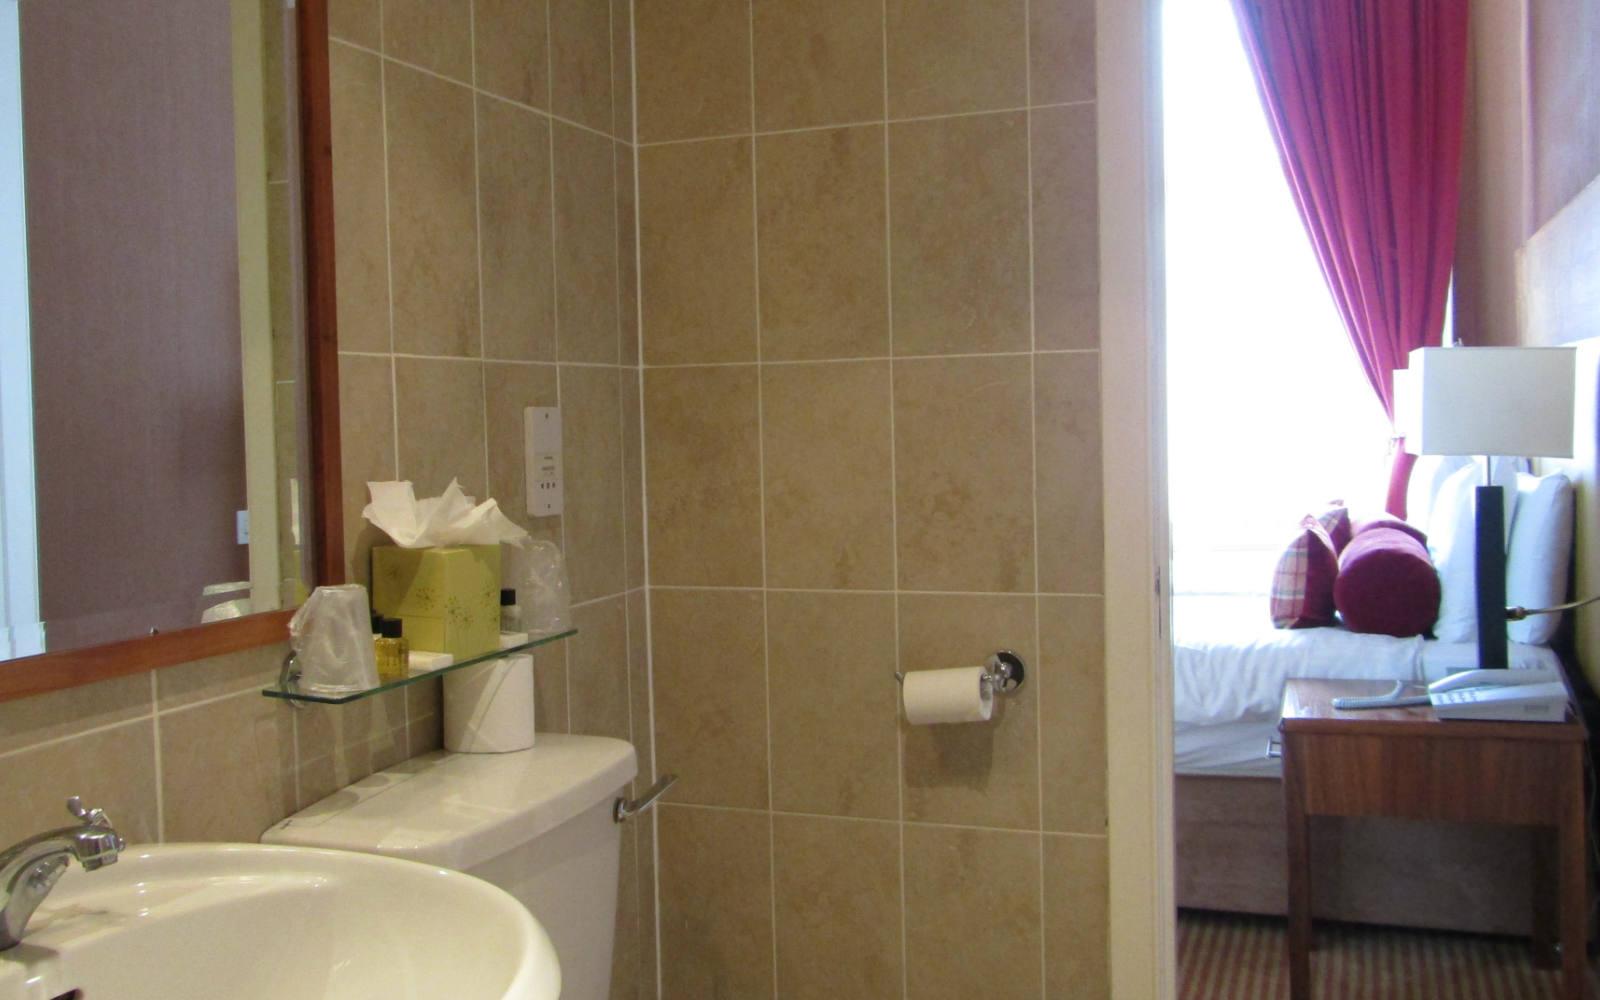 Luury Edinburgh Hotel Bathroom